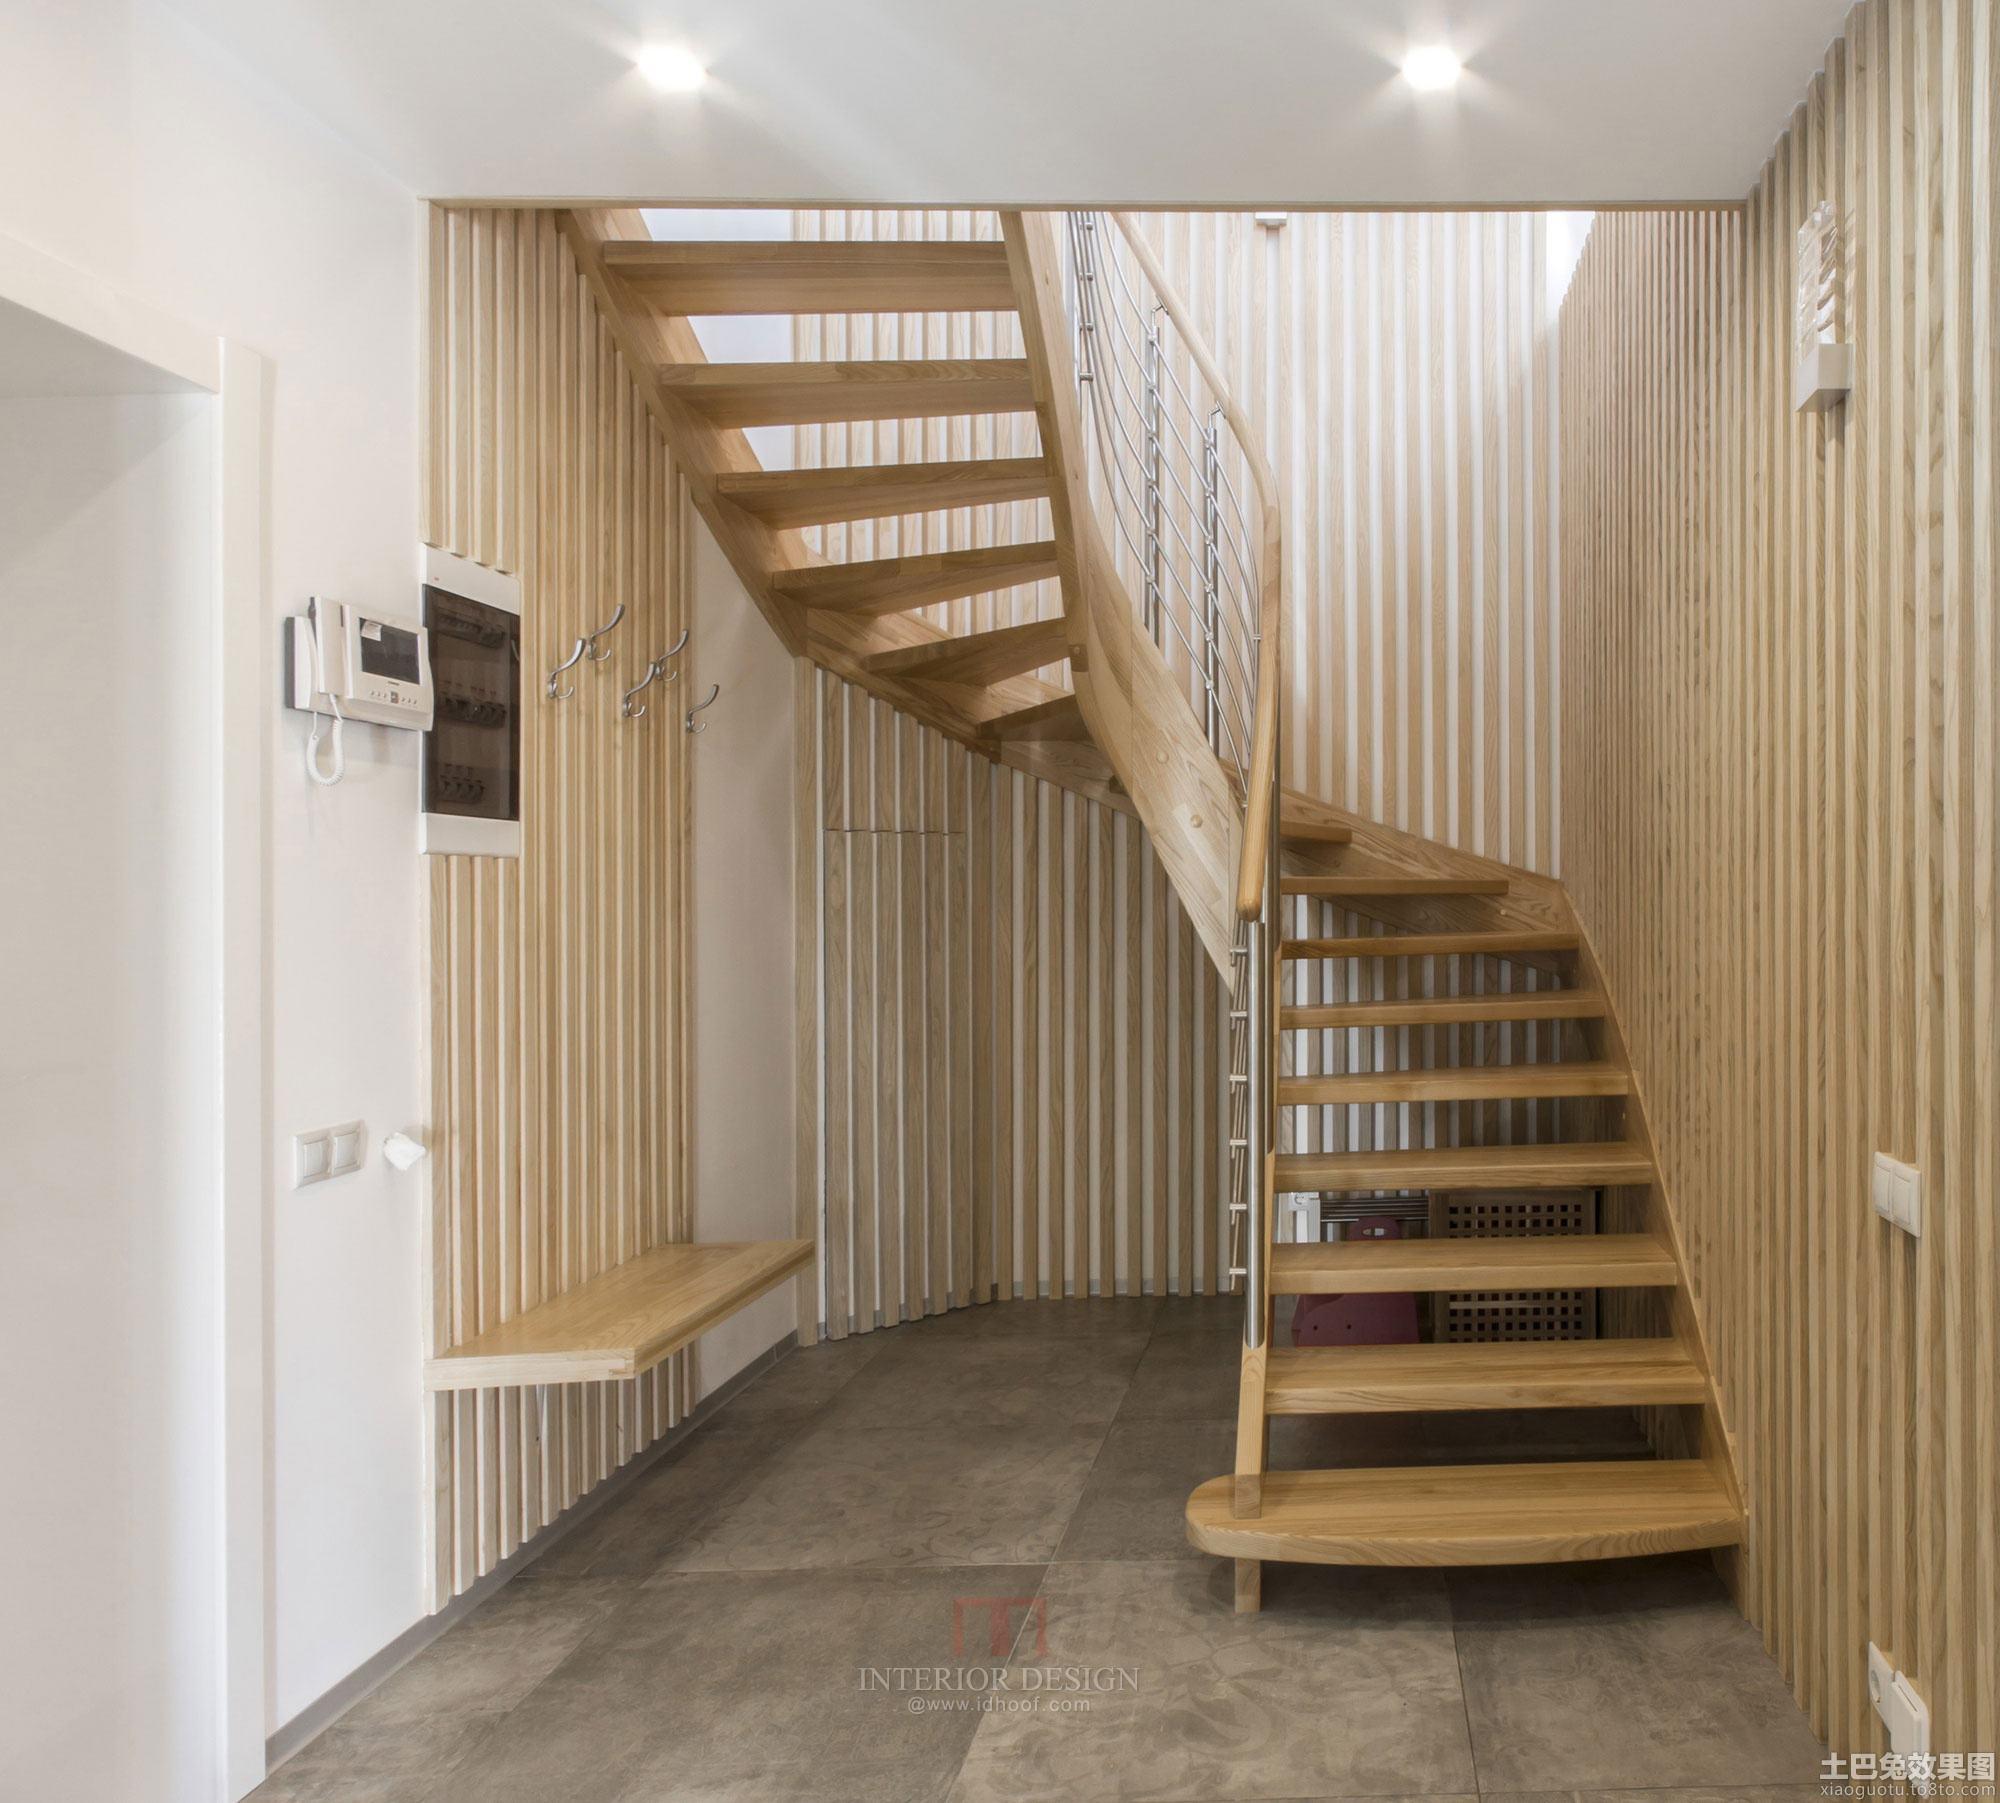 极简主义阁楼楼梯装修效果图 - 九正家居装修效果图